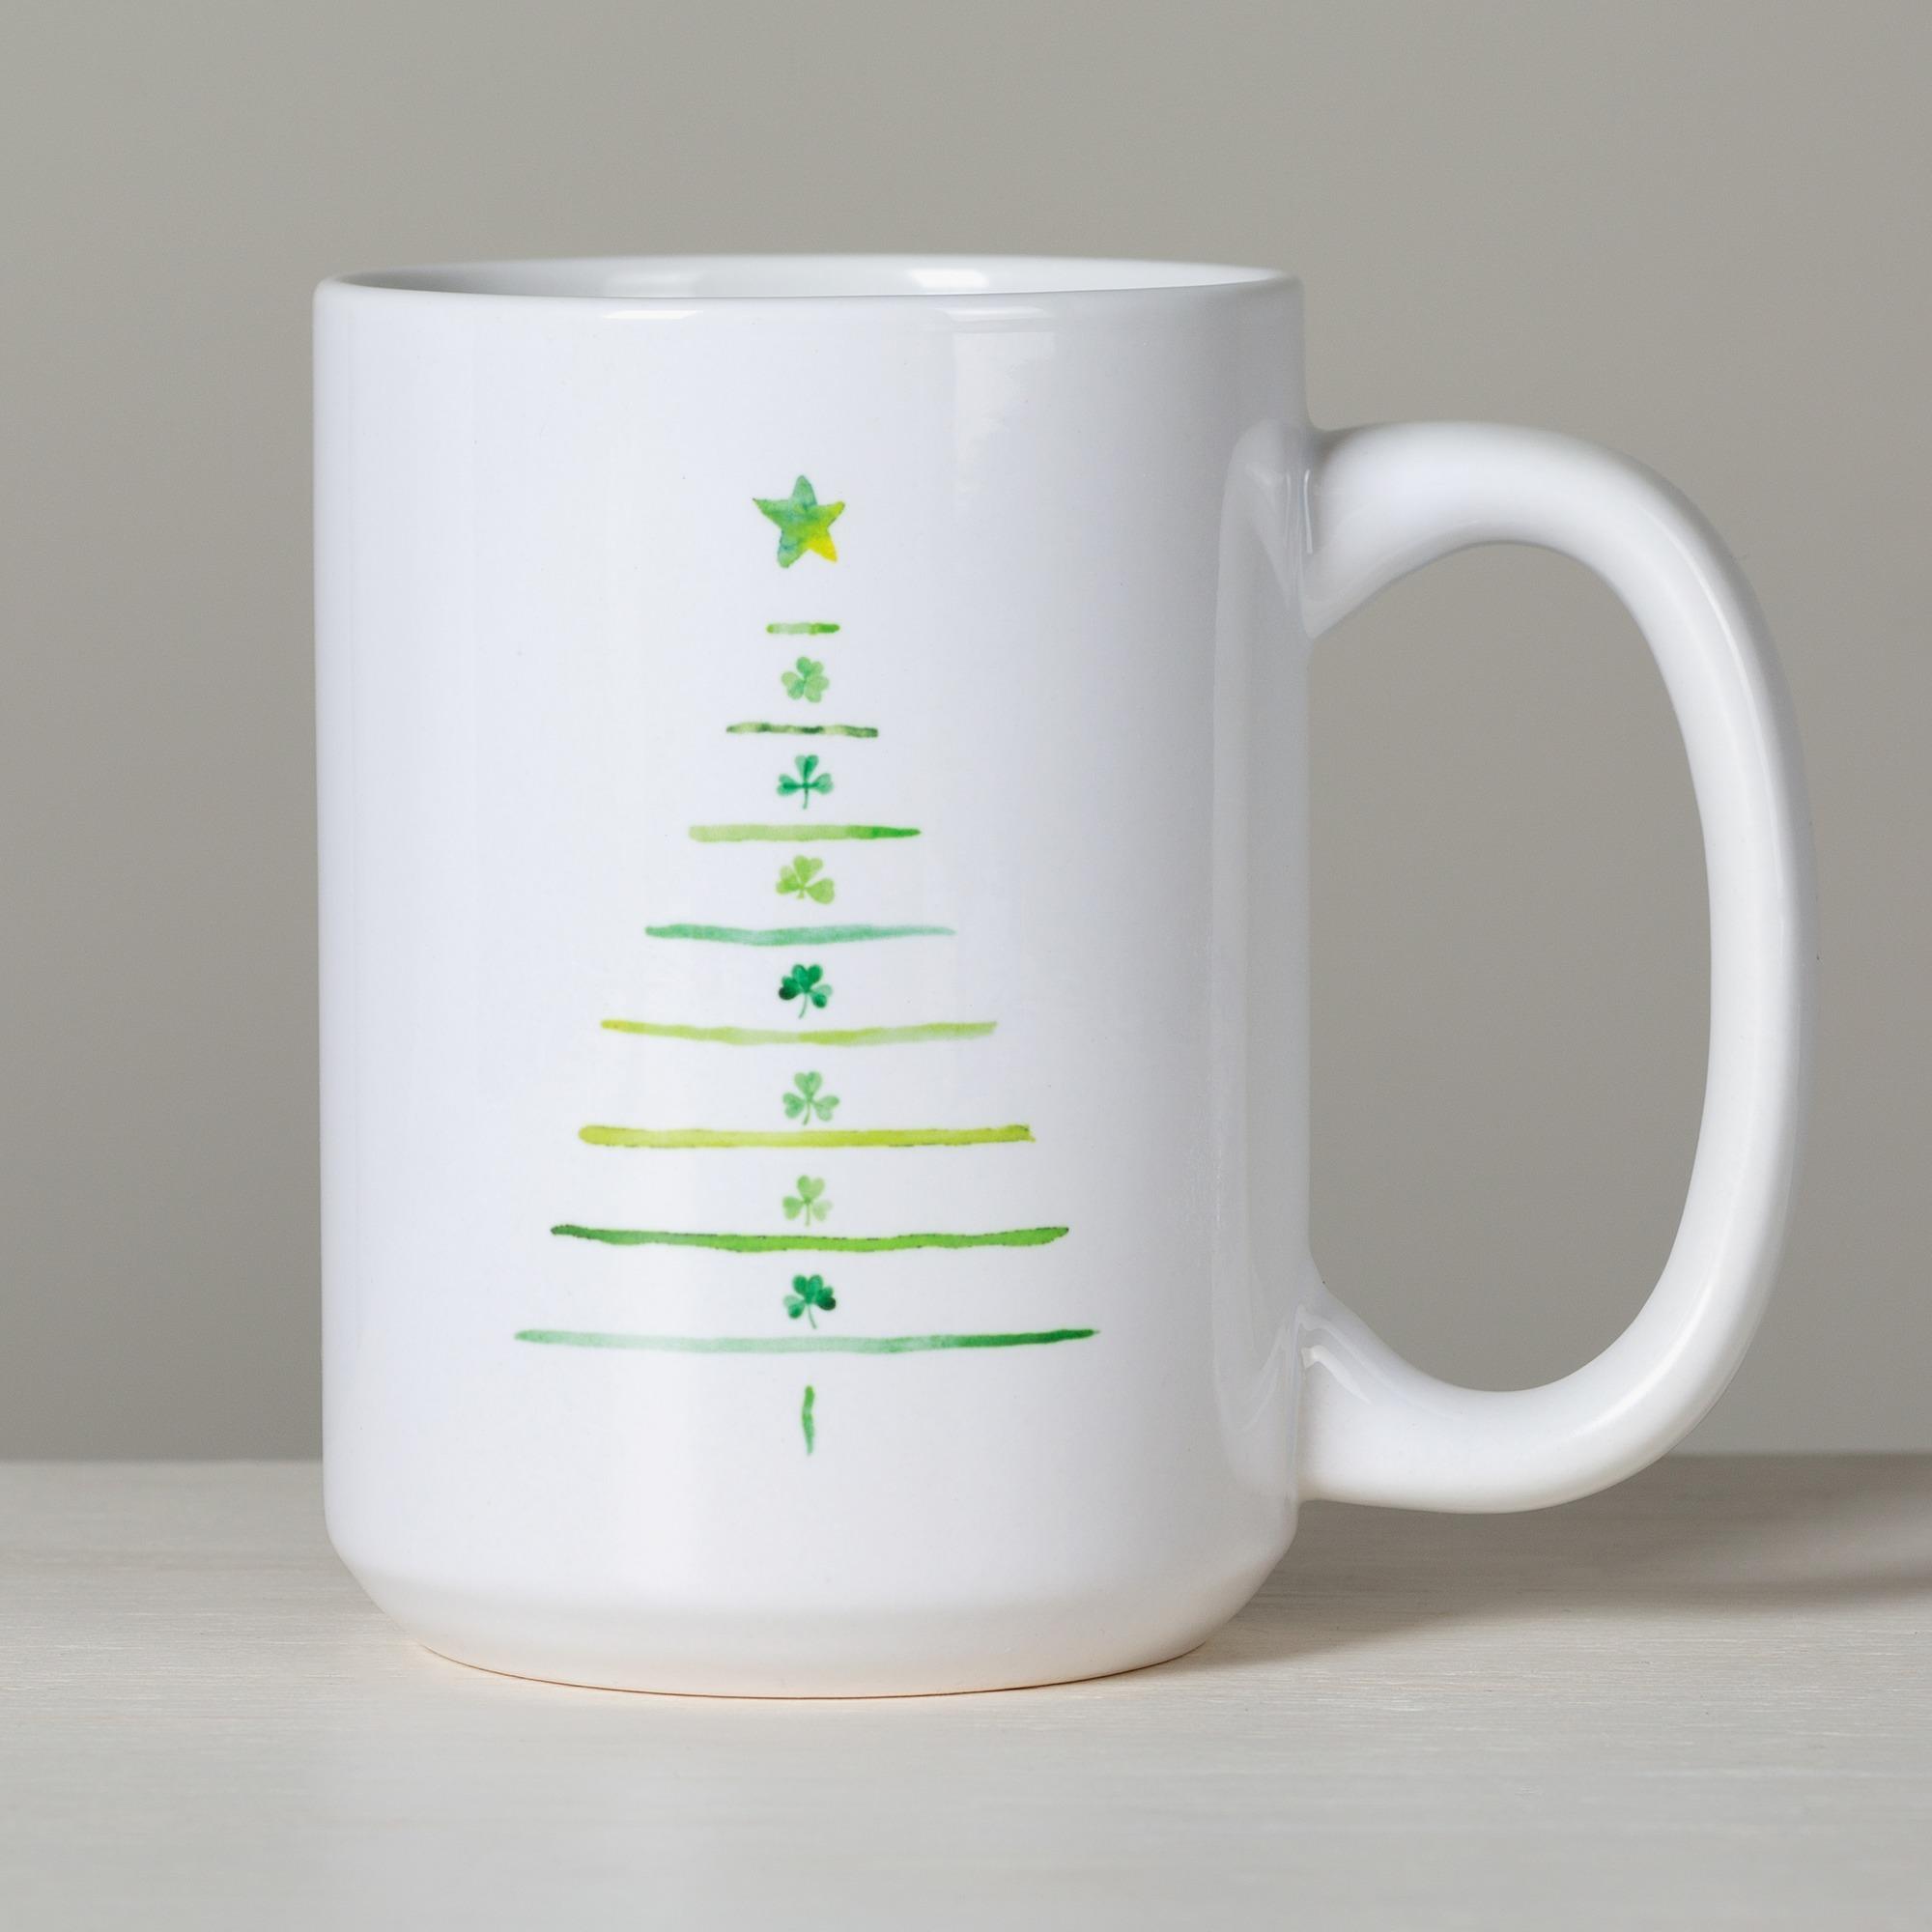 Irish Blessing Shamrock Tree Mug | The Catholic Company